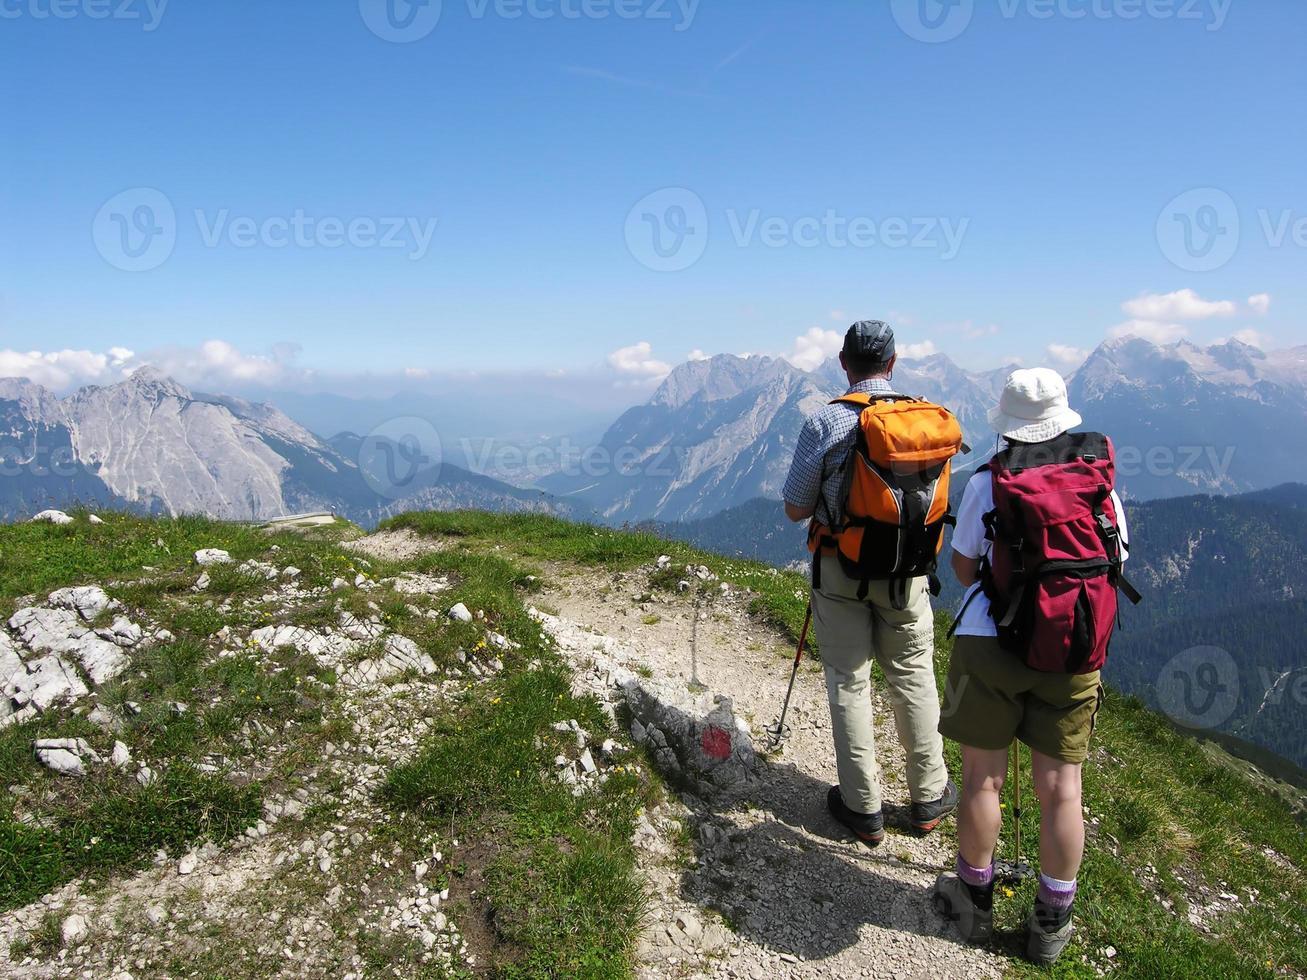 vandrare upp på berget och njuter av utsikten innan de går tillbaka ner foto